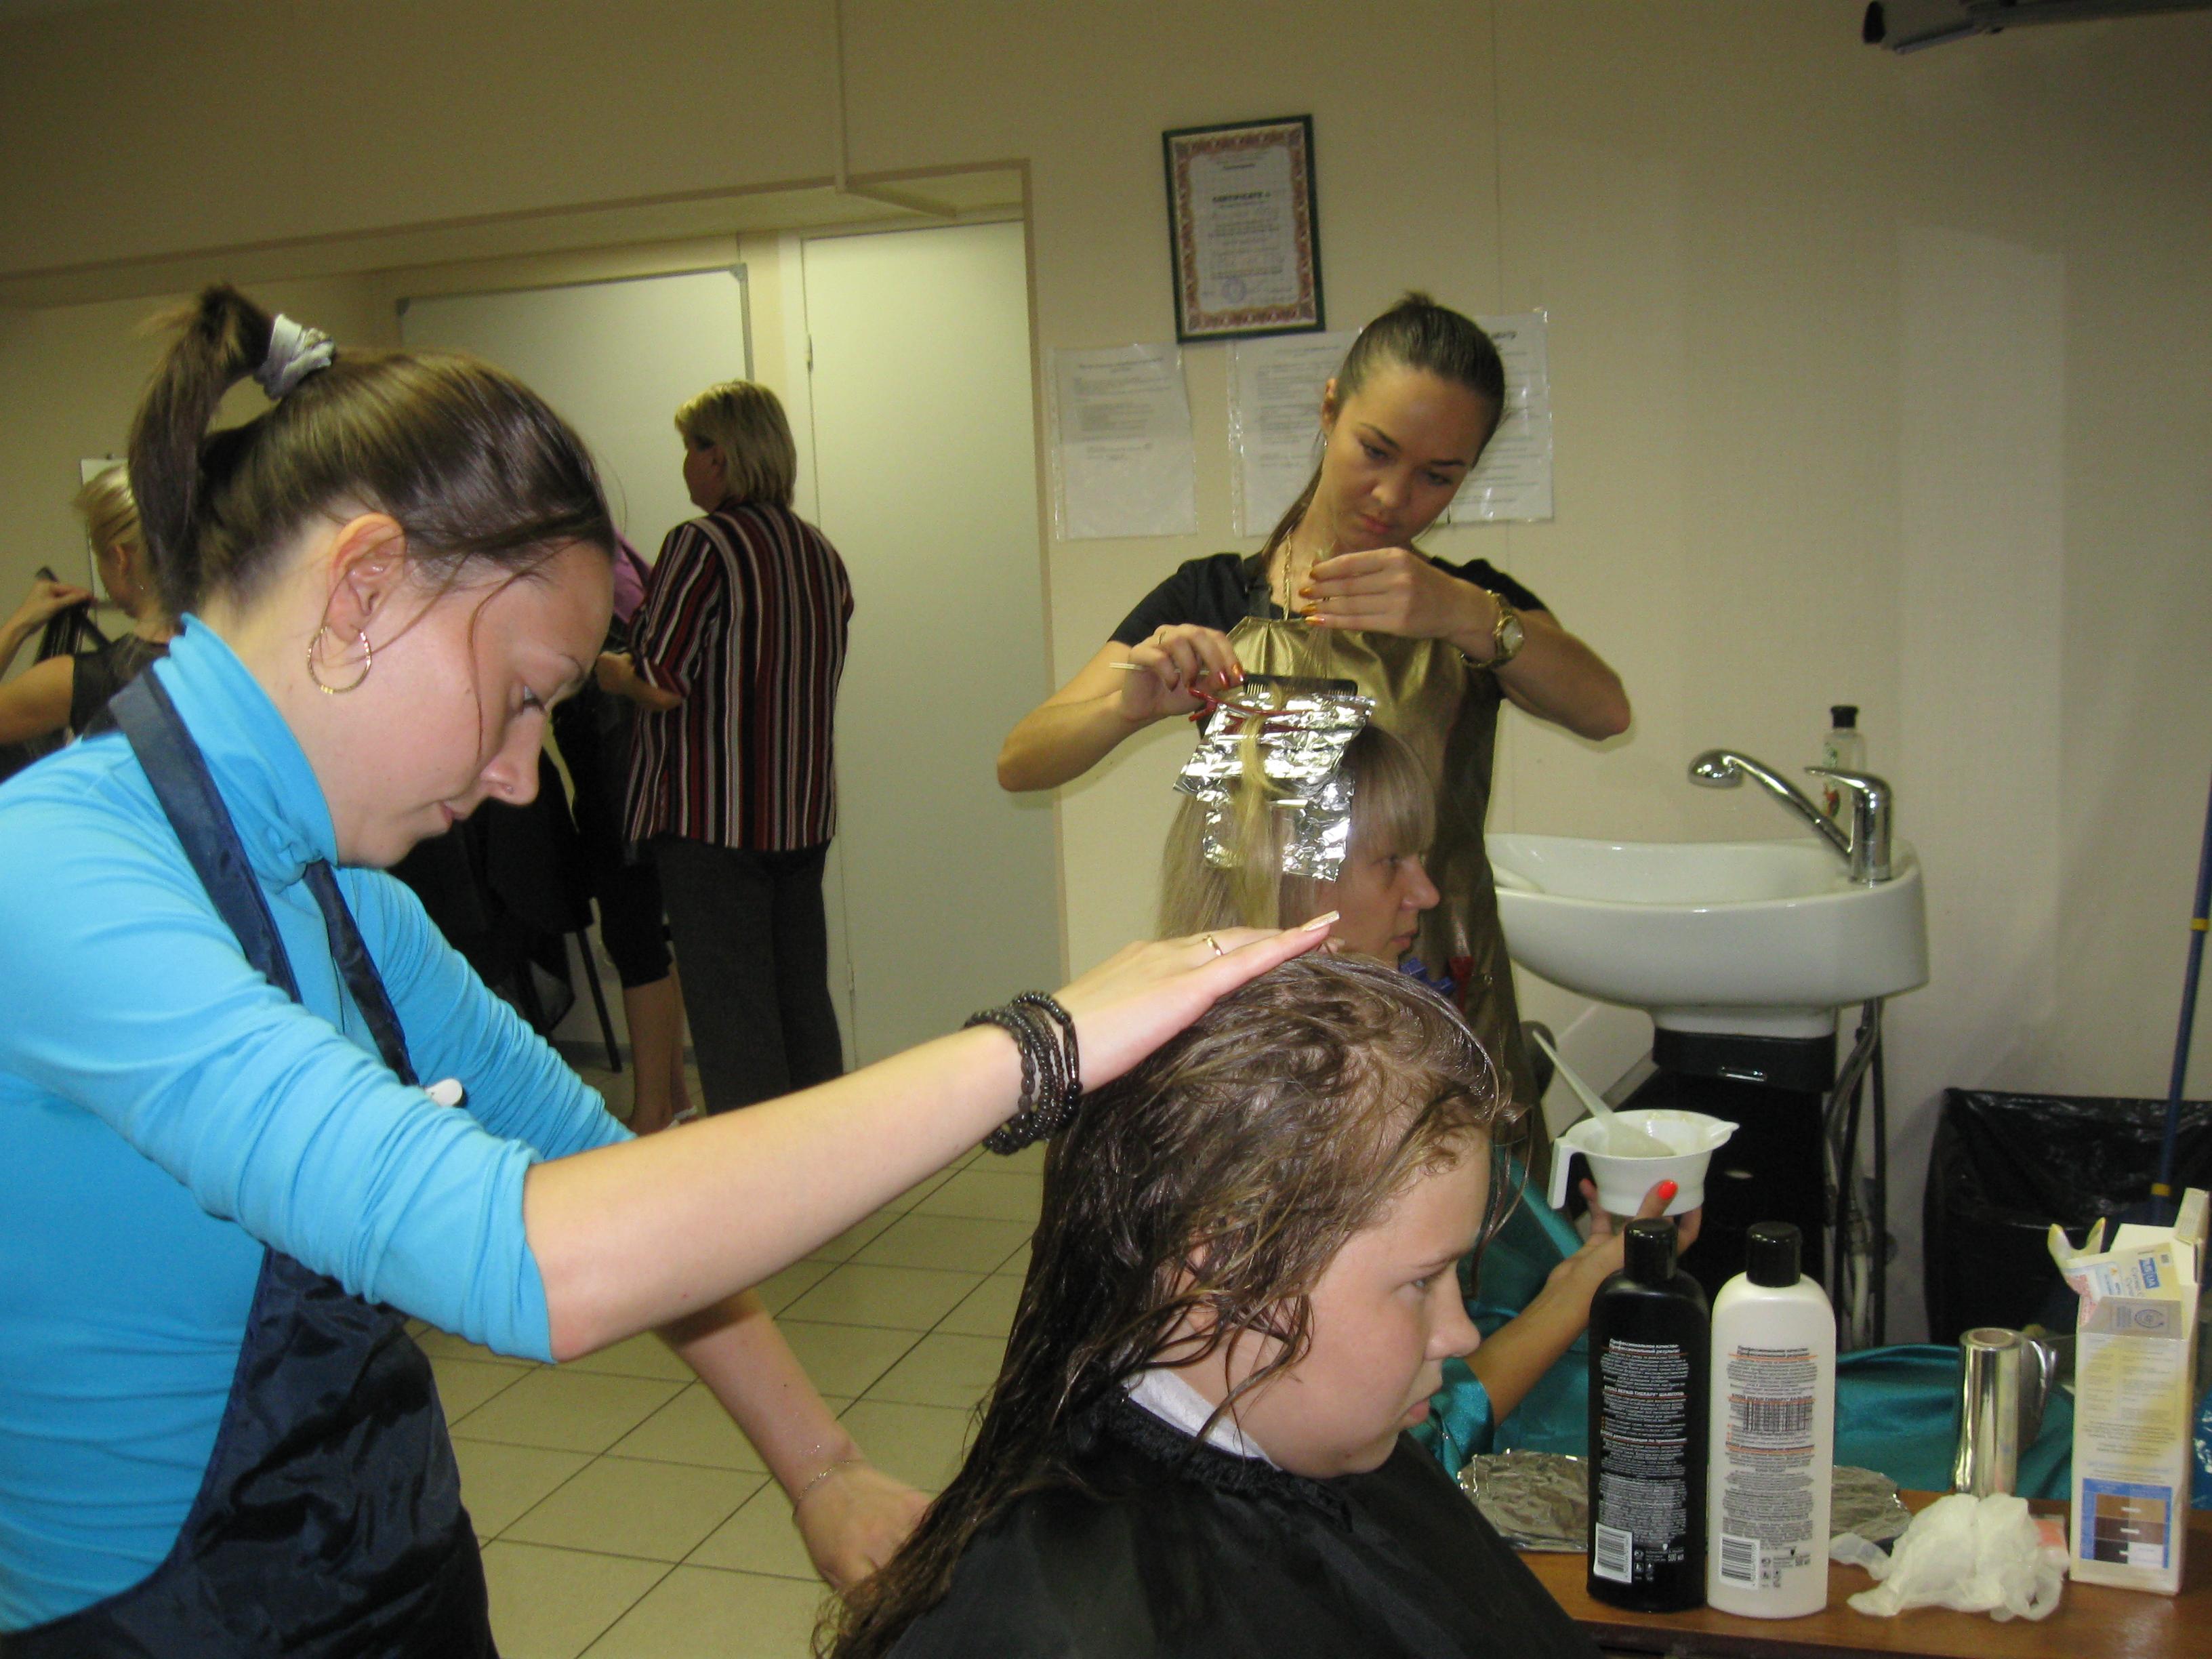 на ком учатся парикмазеры согласен предлагаемыми